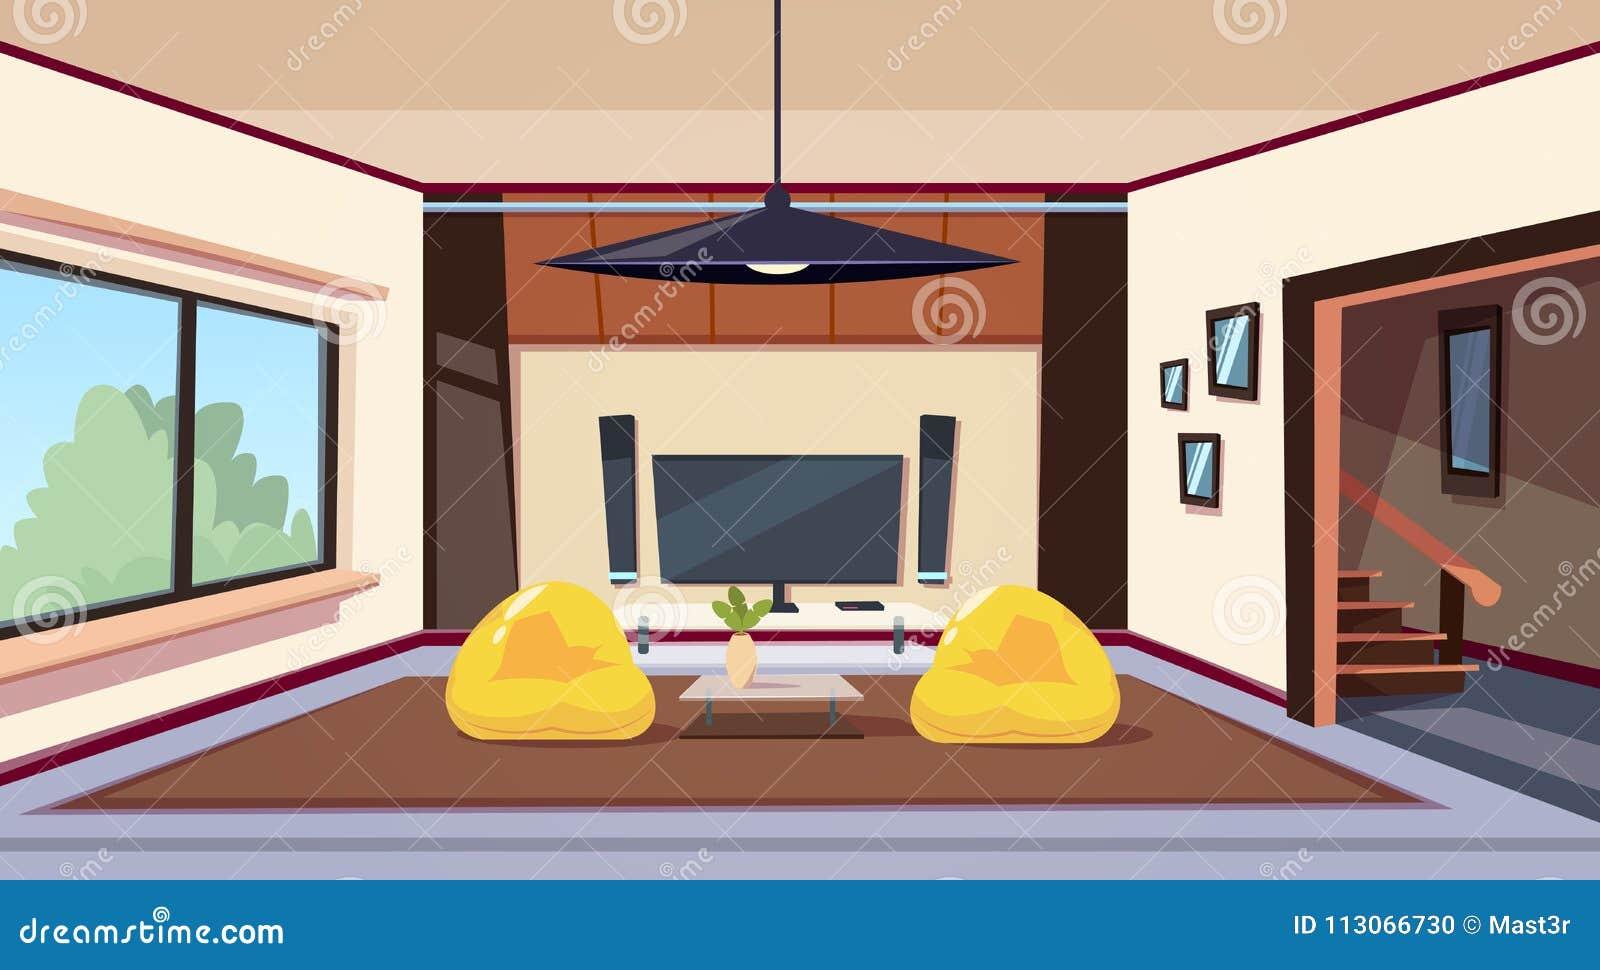 Moderner Wohnzimmer-Innenraum mit Bean Bag Chairs And And großes geführtes Televison auf Wand-Heimkino einstellen